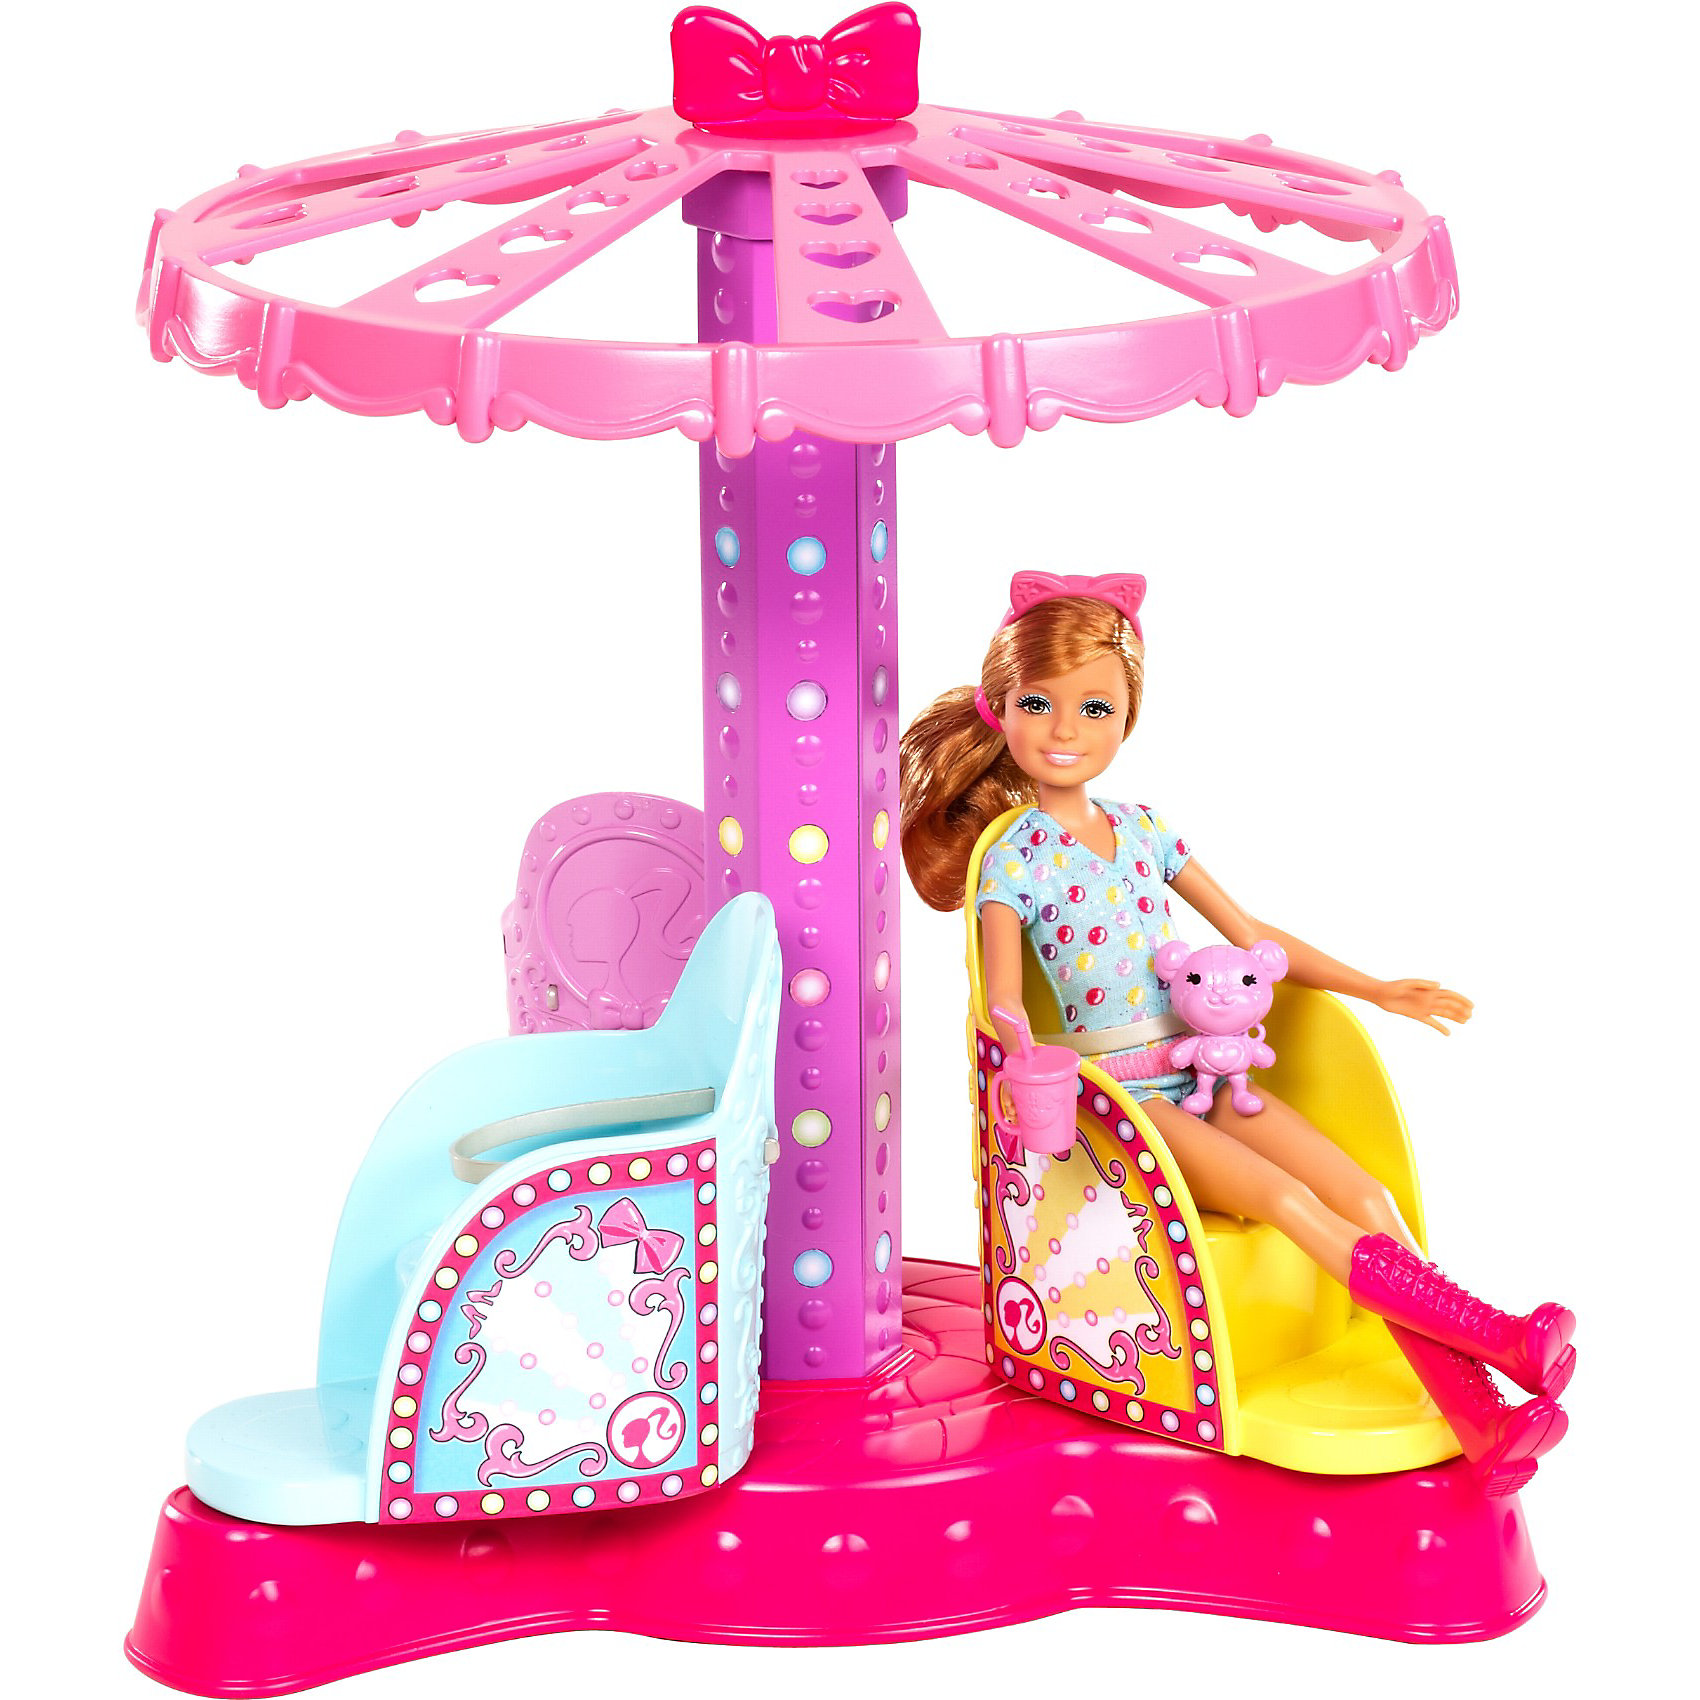 Аттракцион для сестер Барби и кукла Челси, Barbie